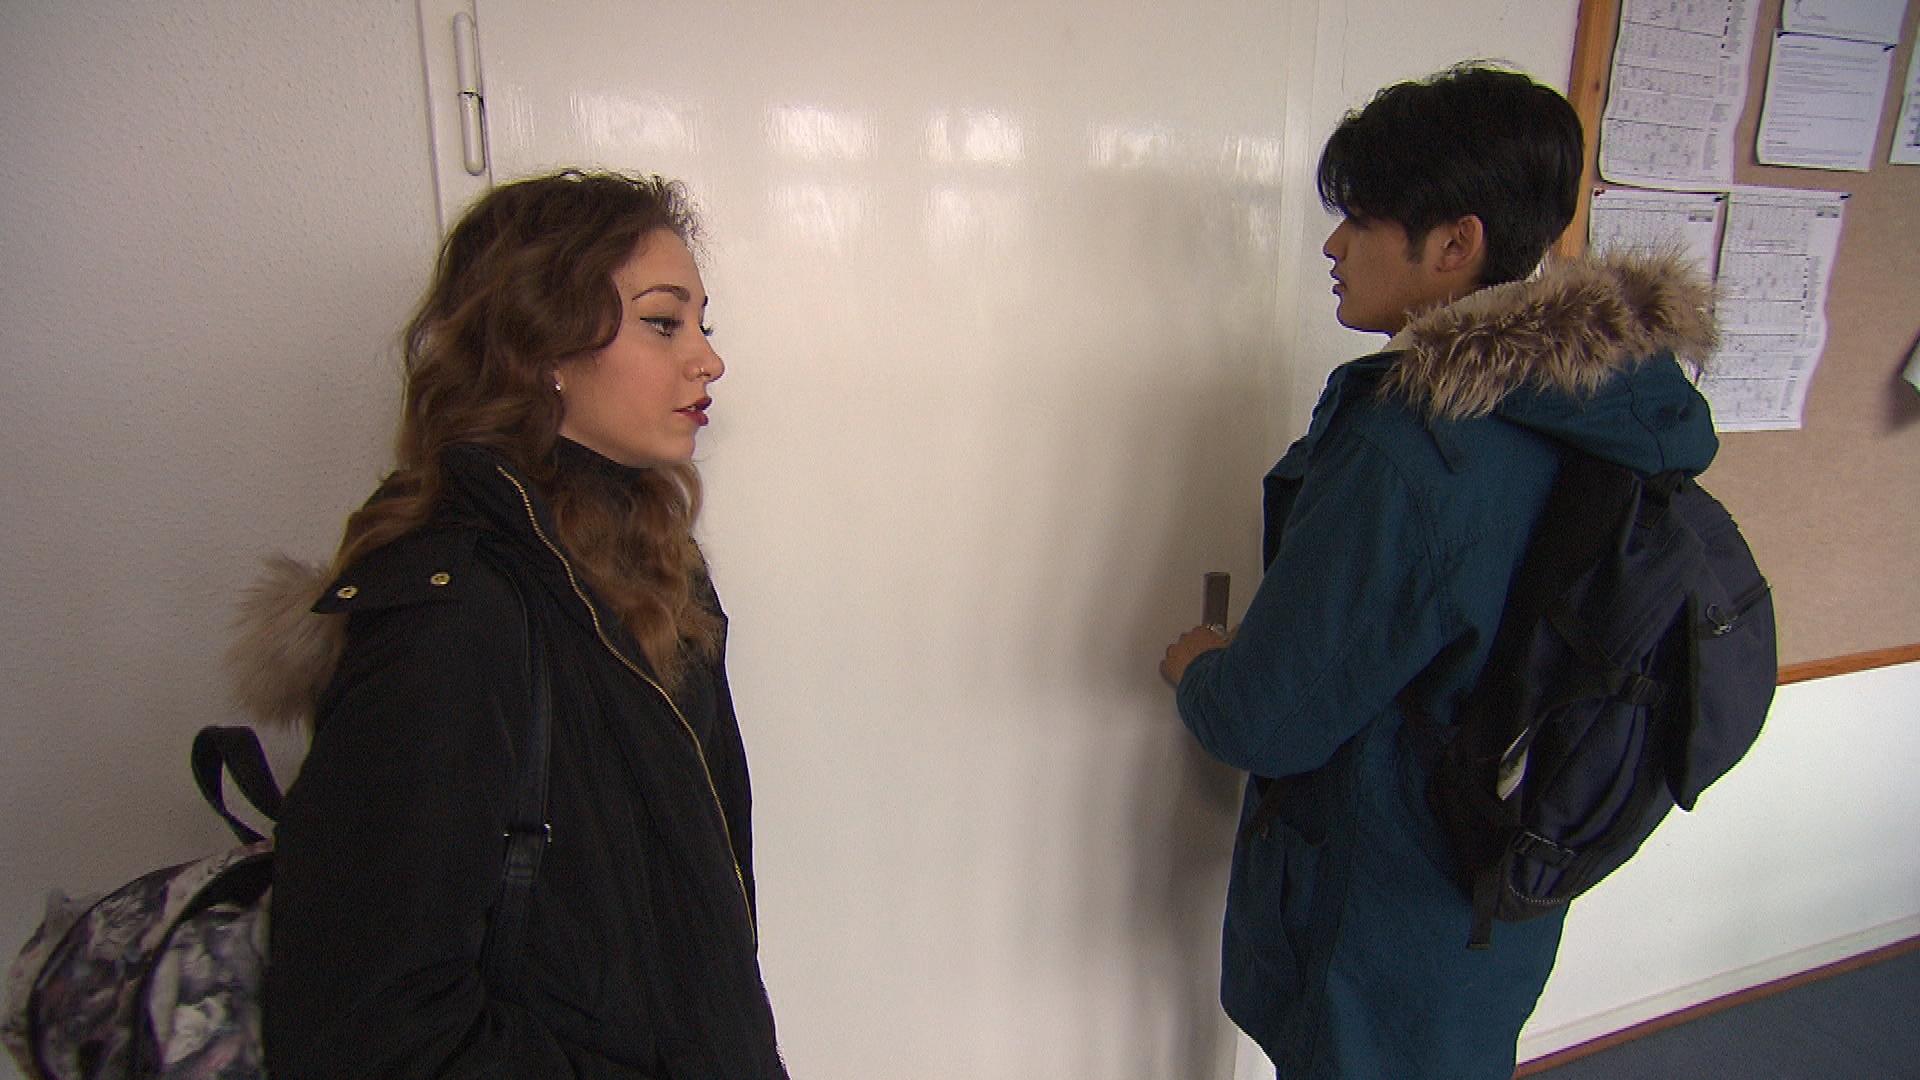 Elli versucht Yanick bei einem Englischtest zu helfen, was jedoch in einem Fiasko endet. Mittlerweile ist der Rest der Clique von ihrem Kleinkrieg dermaßen genervt, dass sie Elli und Yanick in einen Raum einsperren, um eine Versöhnung zu erzwingen. (Quelle: RTL 2)